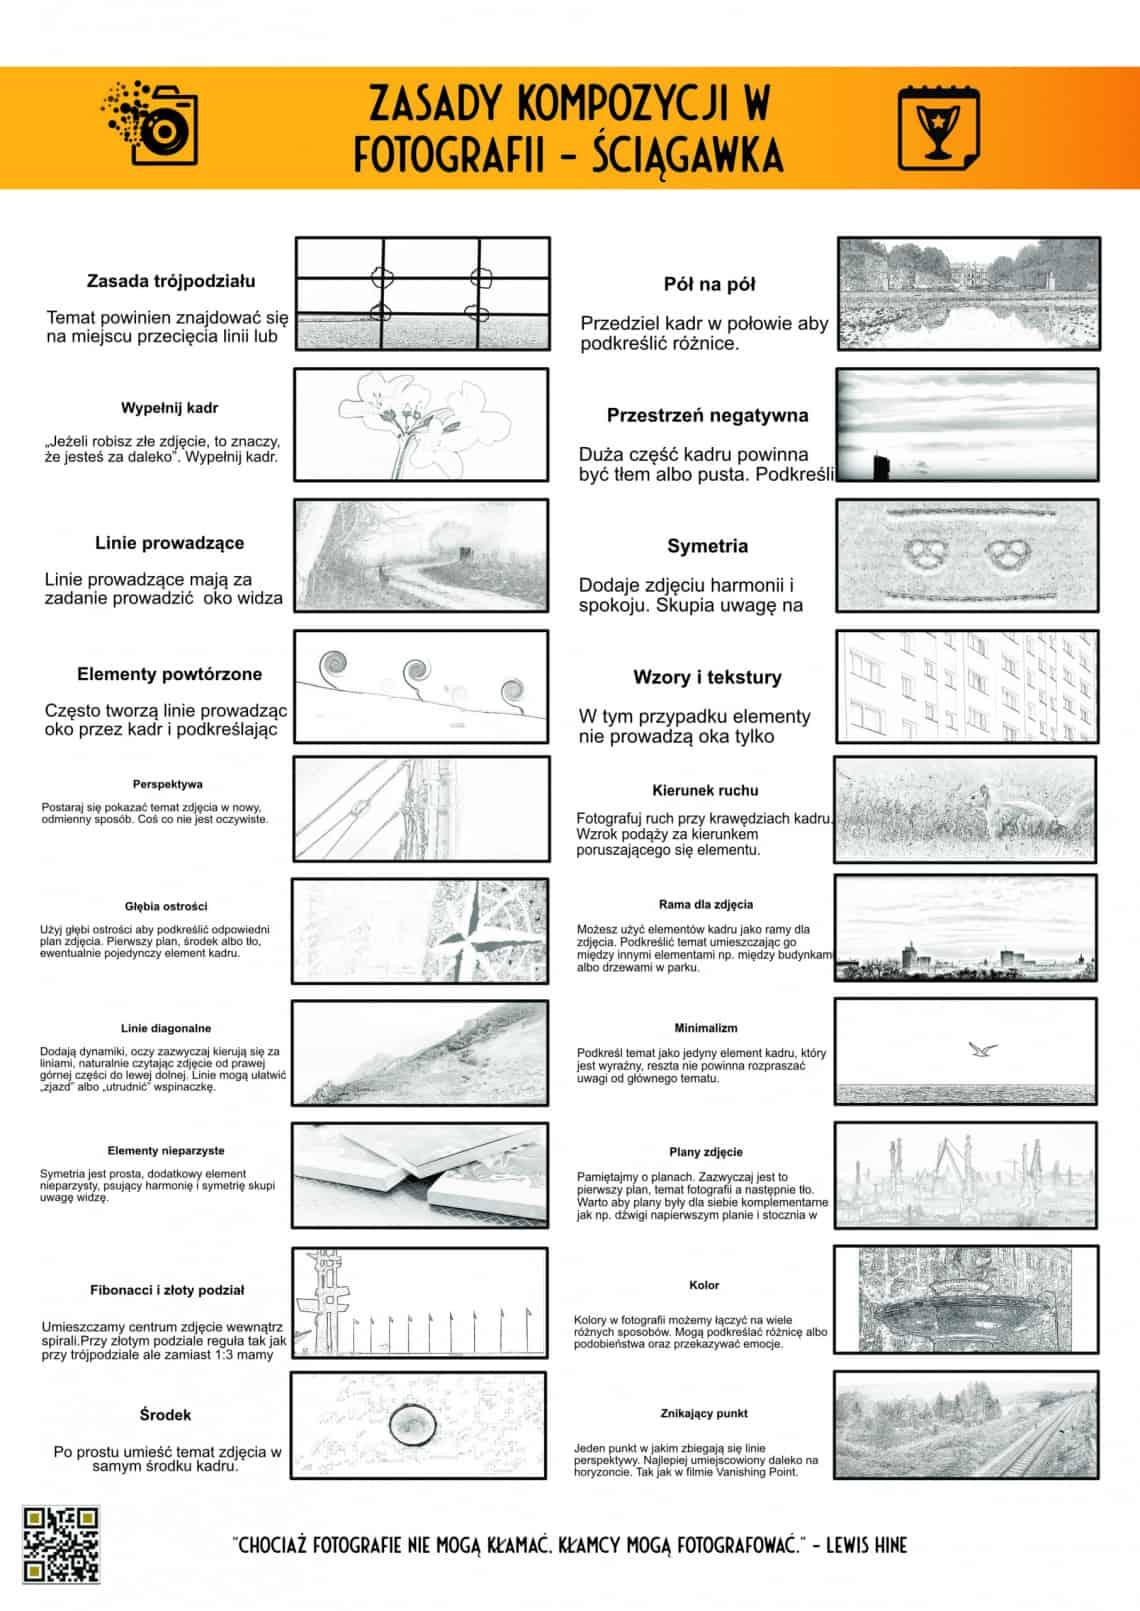 Zasady kompozycji - 20 reguł fotokarty